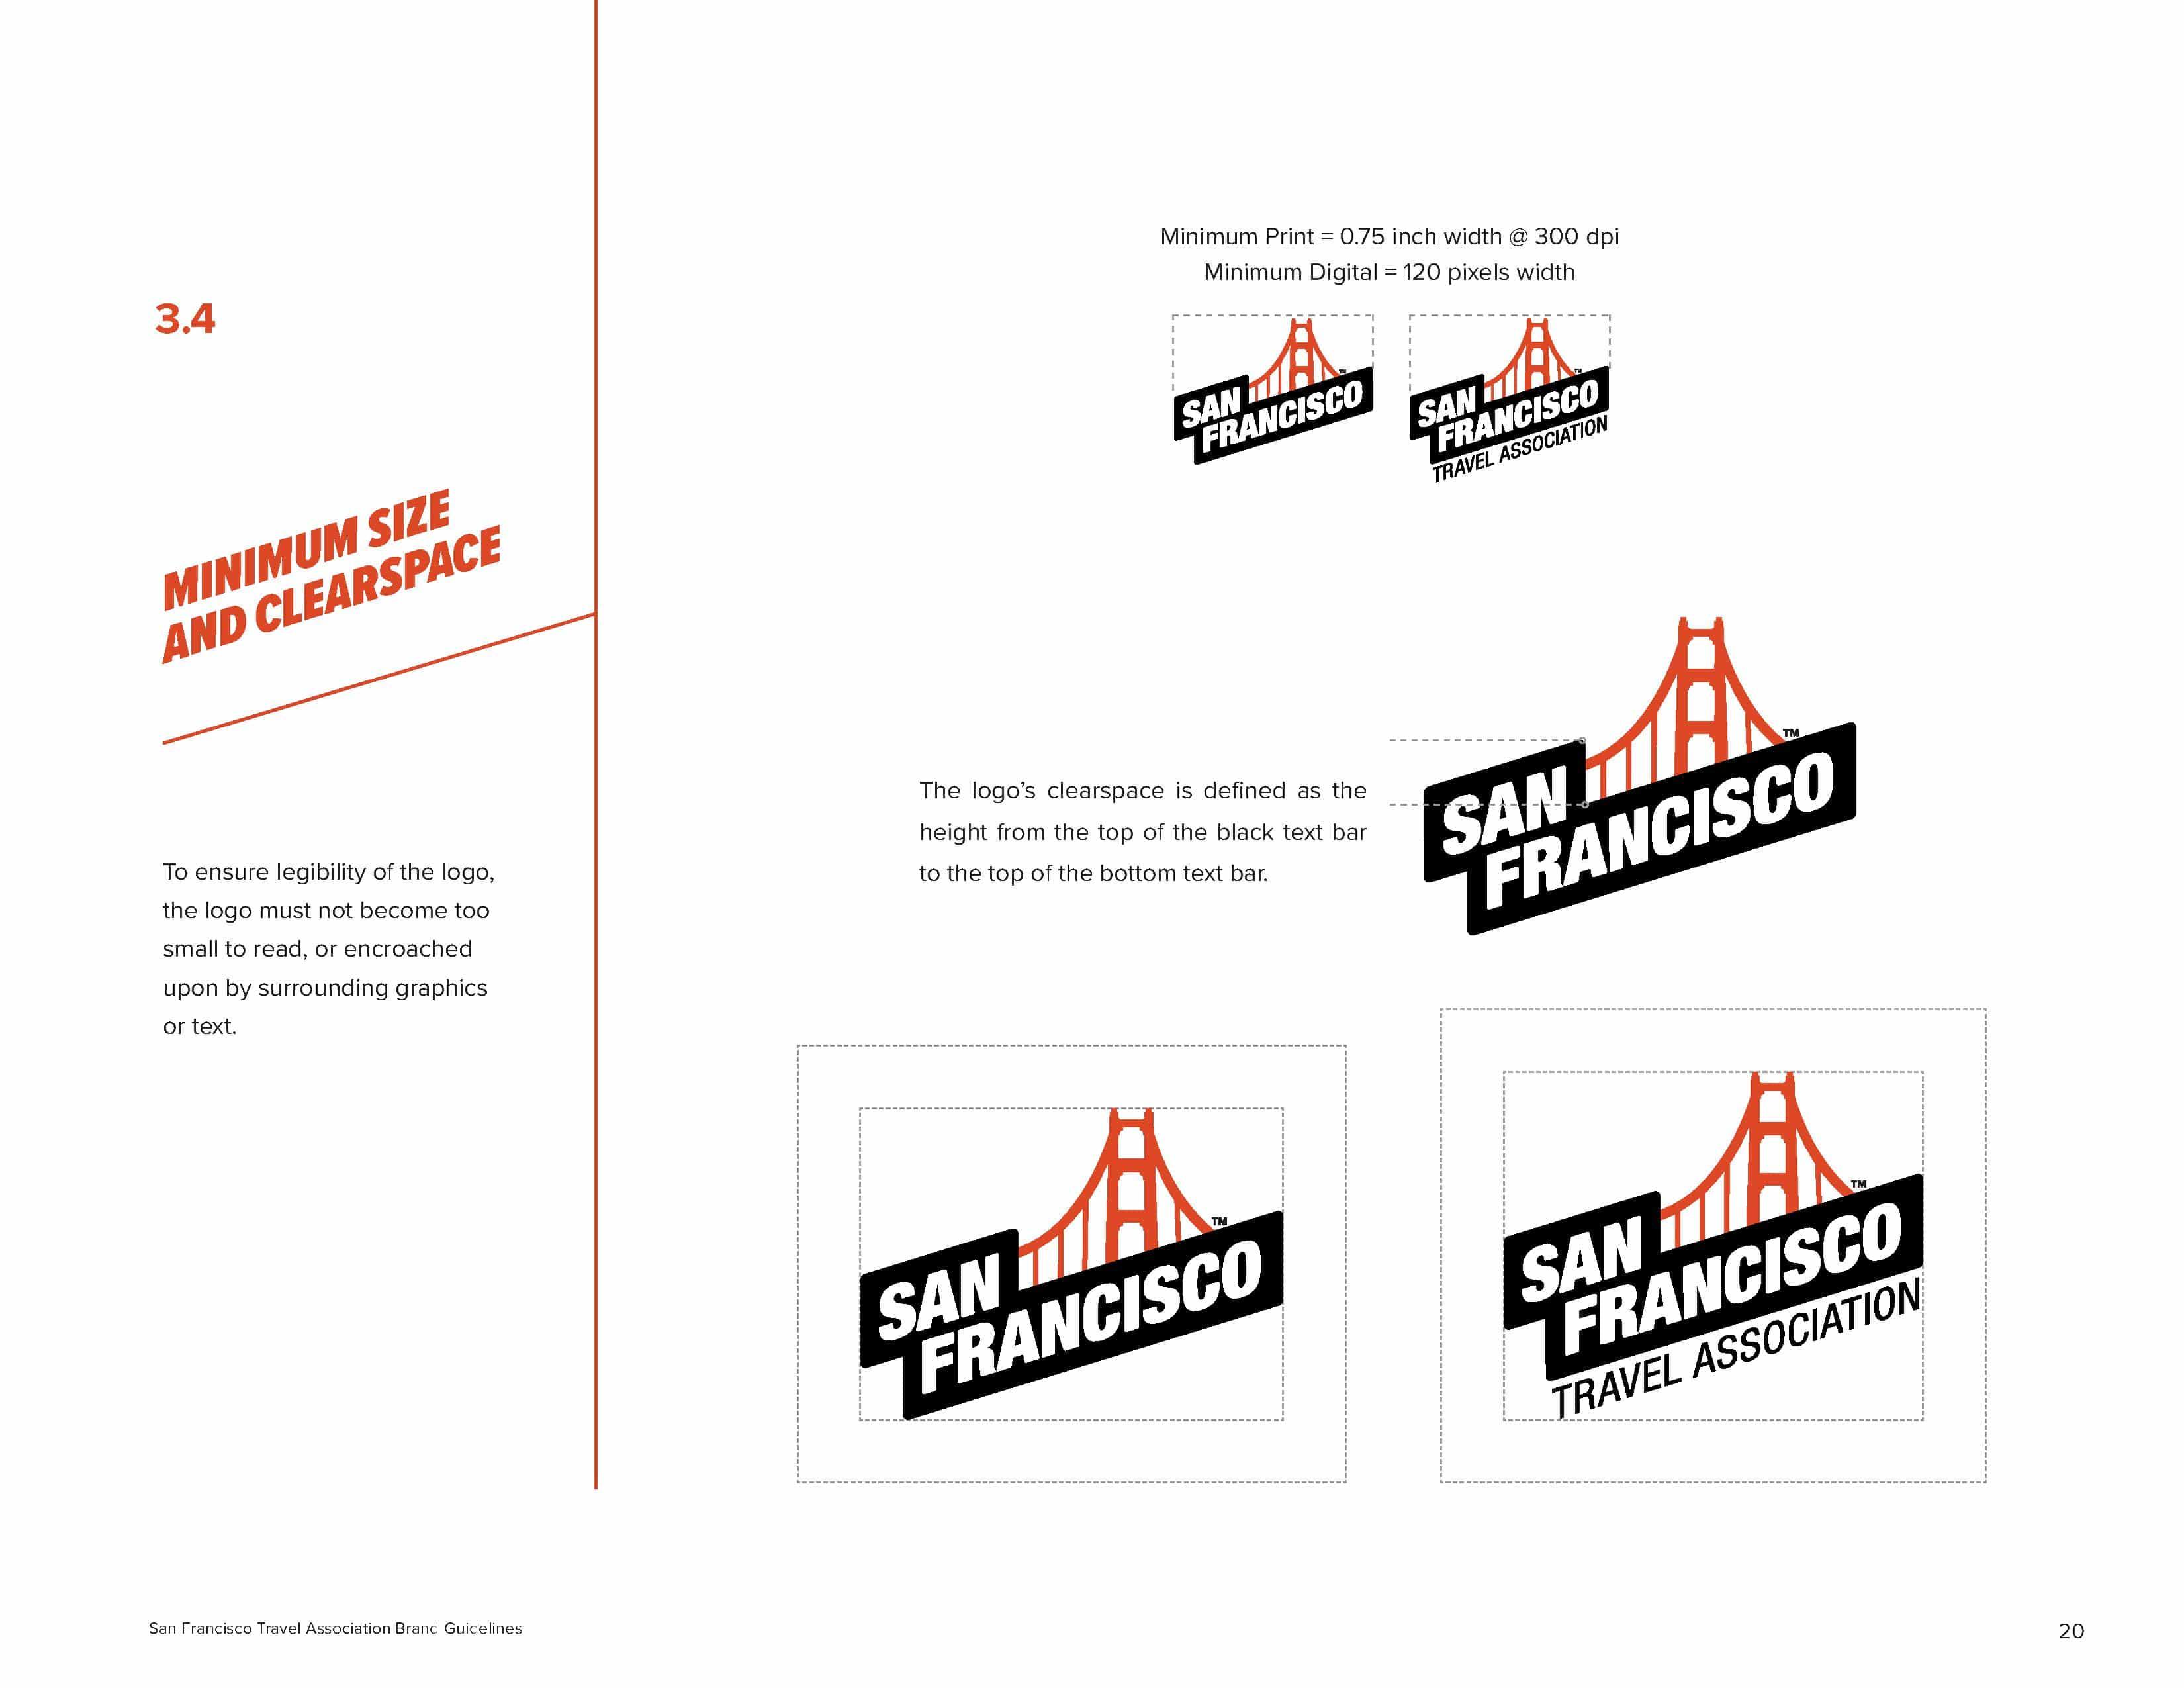 San Francisco Brand Book - Logo Space